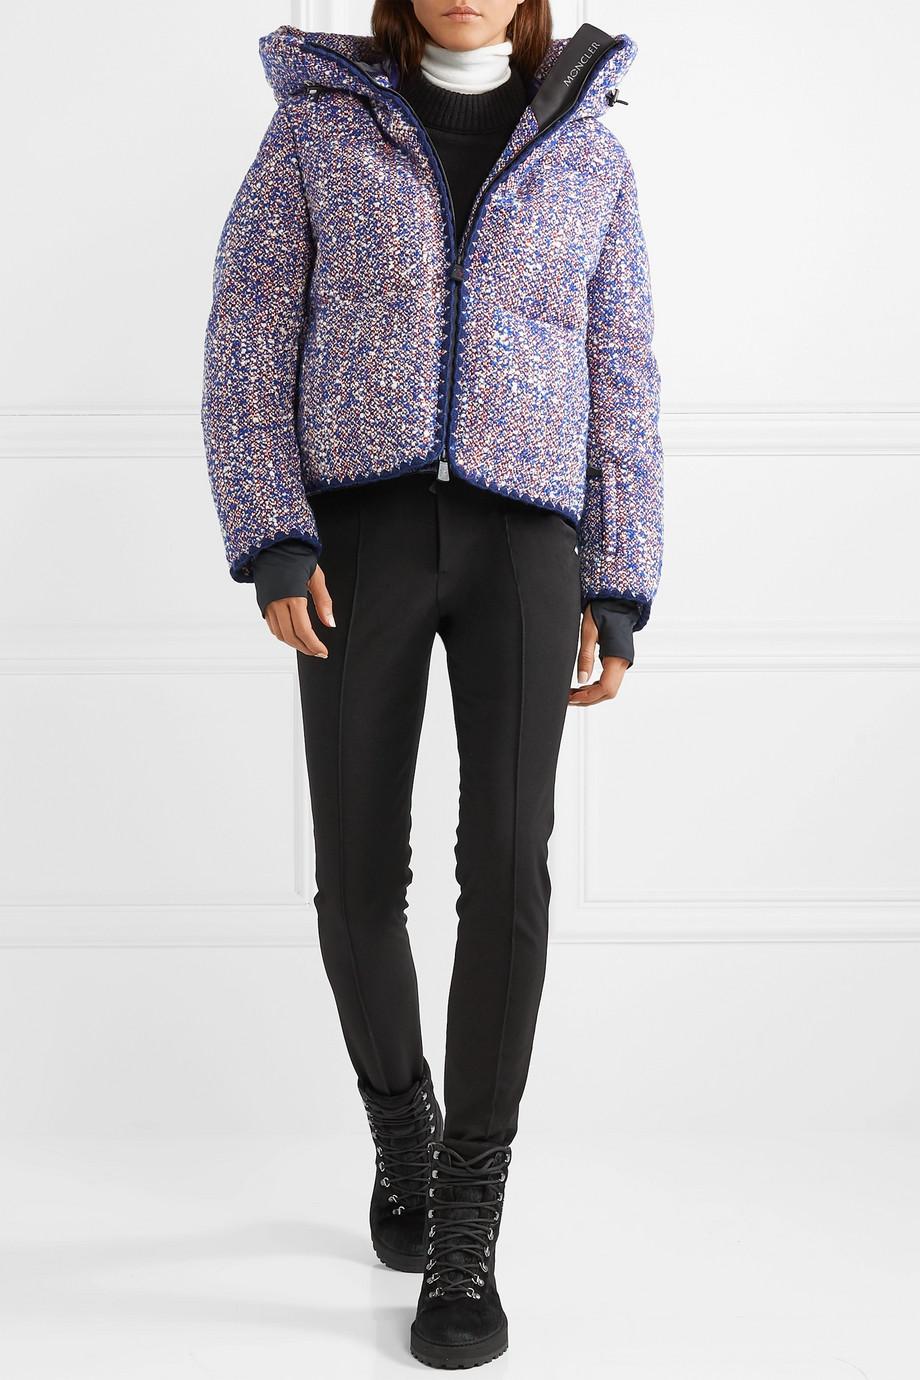 Moncler Genius + 3 Grenoble wool-blend bouclé down jacket